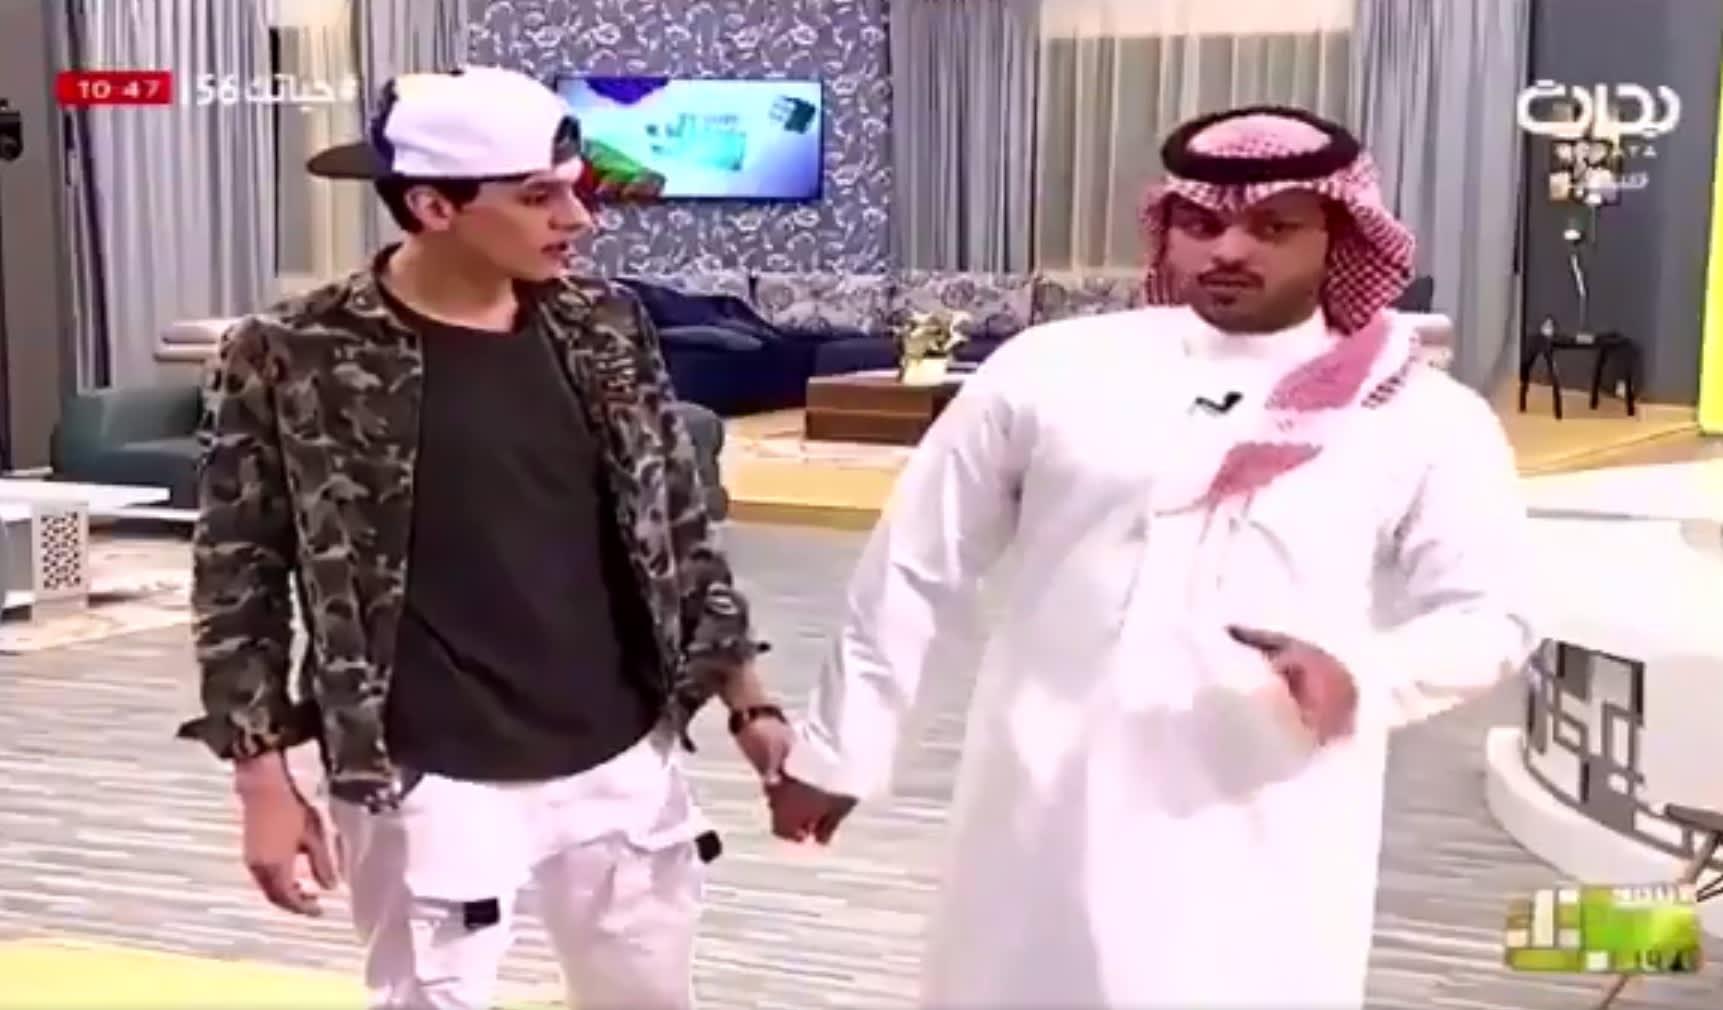 """غضب واسع يجتاح مواقع التواصل بعد مشهد إعلان وفاة والد أحد متسابقي قناة """"بداية"""" السعودية"""